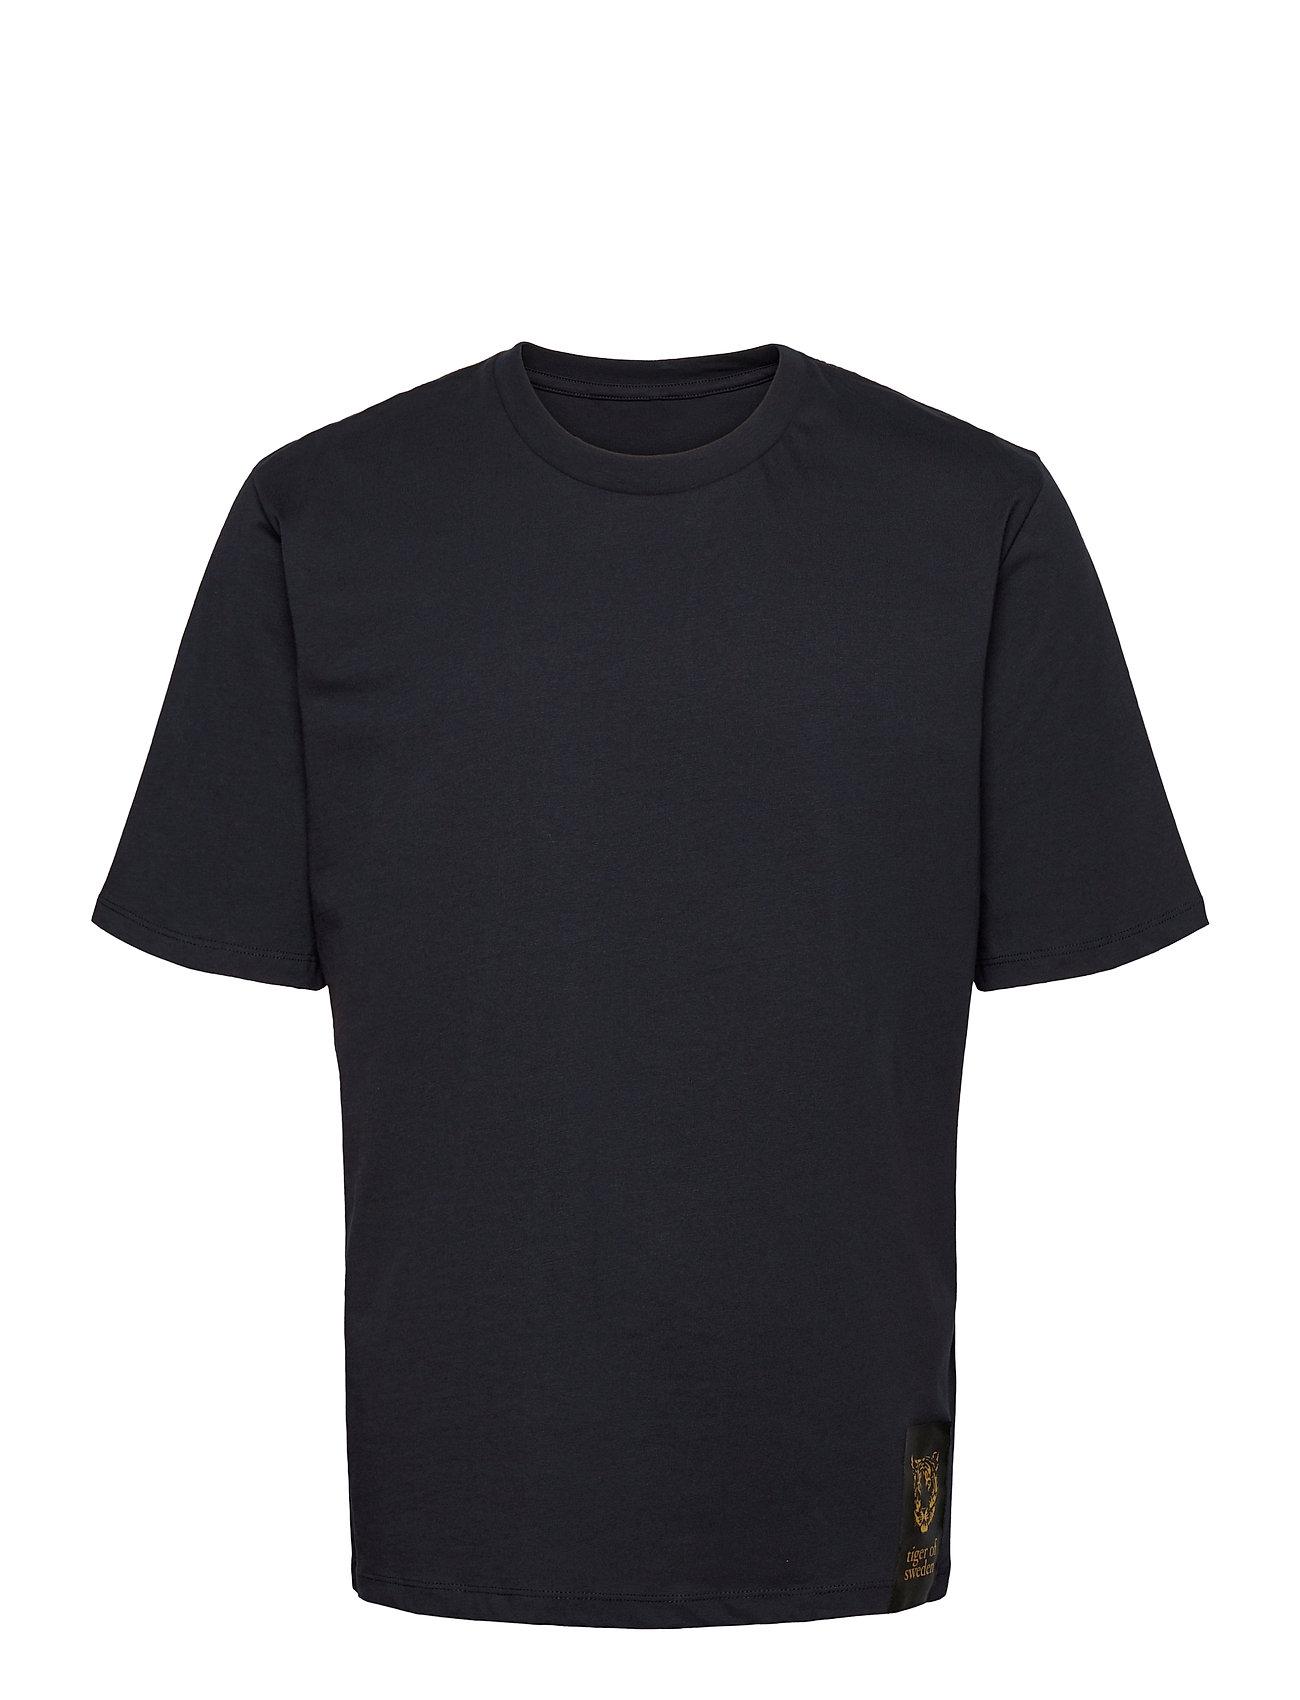 Image of Pro T-shirt Blå Tiger Of Sweden Jeans (3448088941)